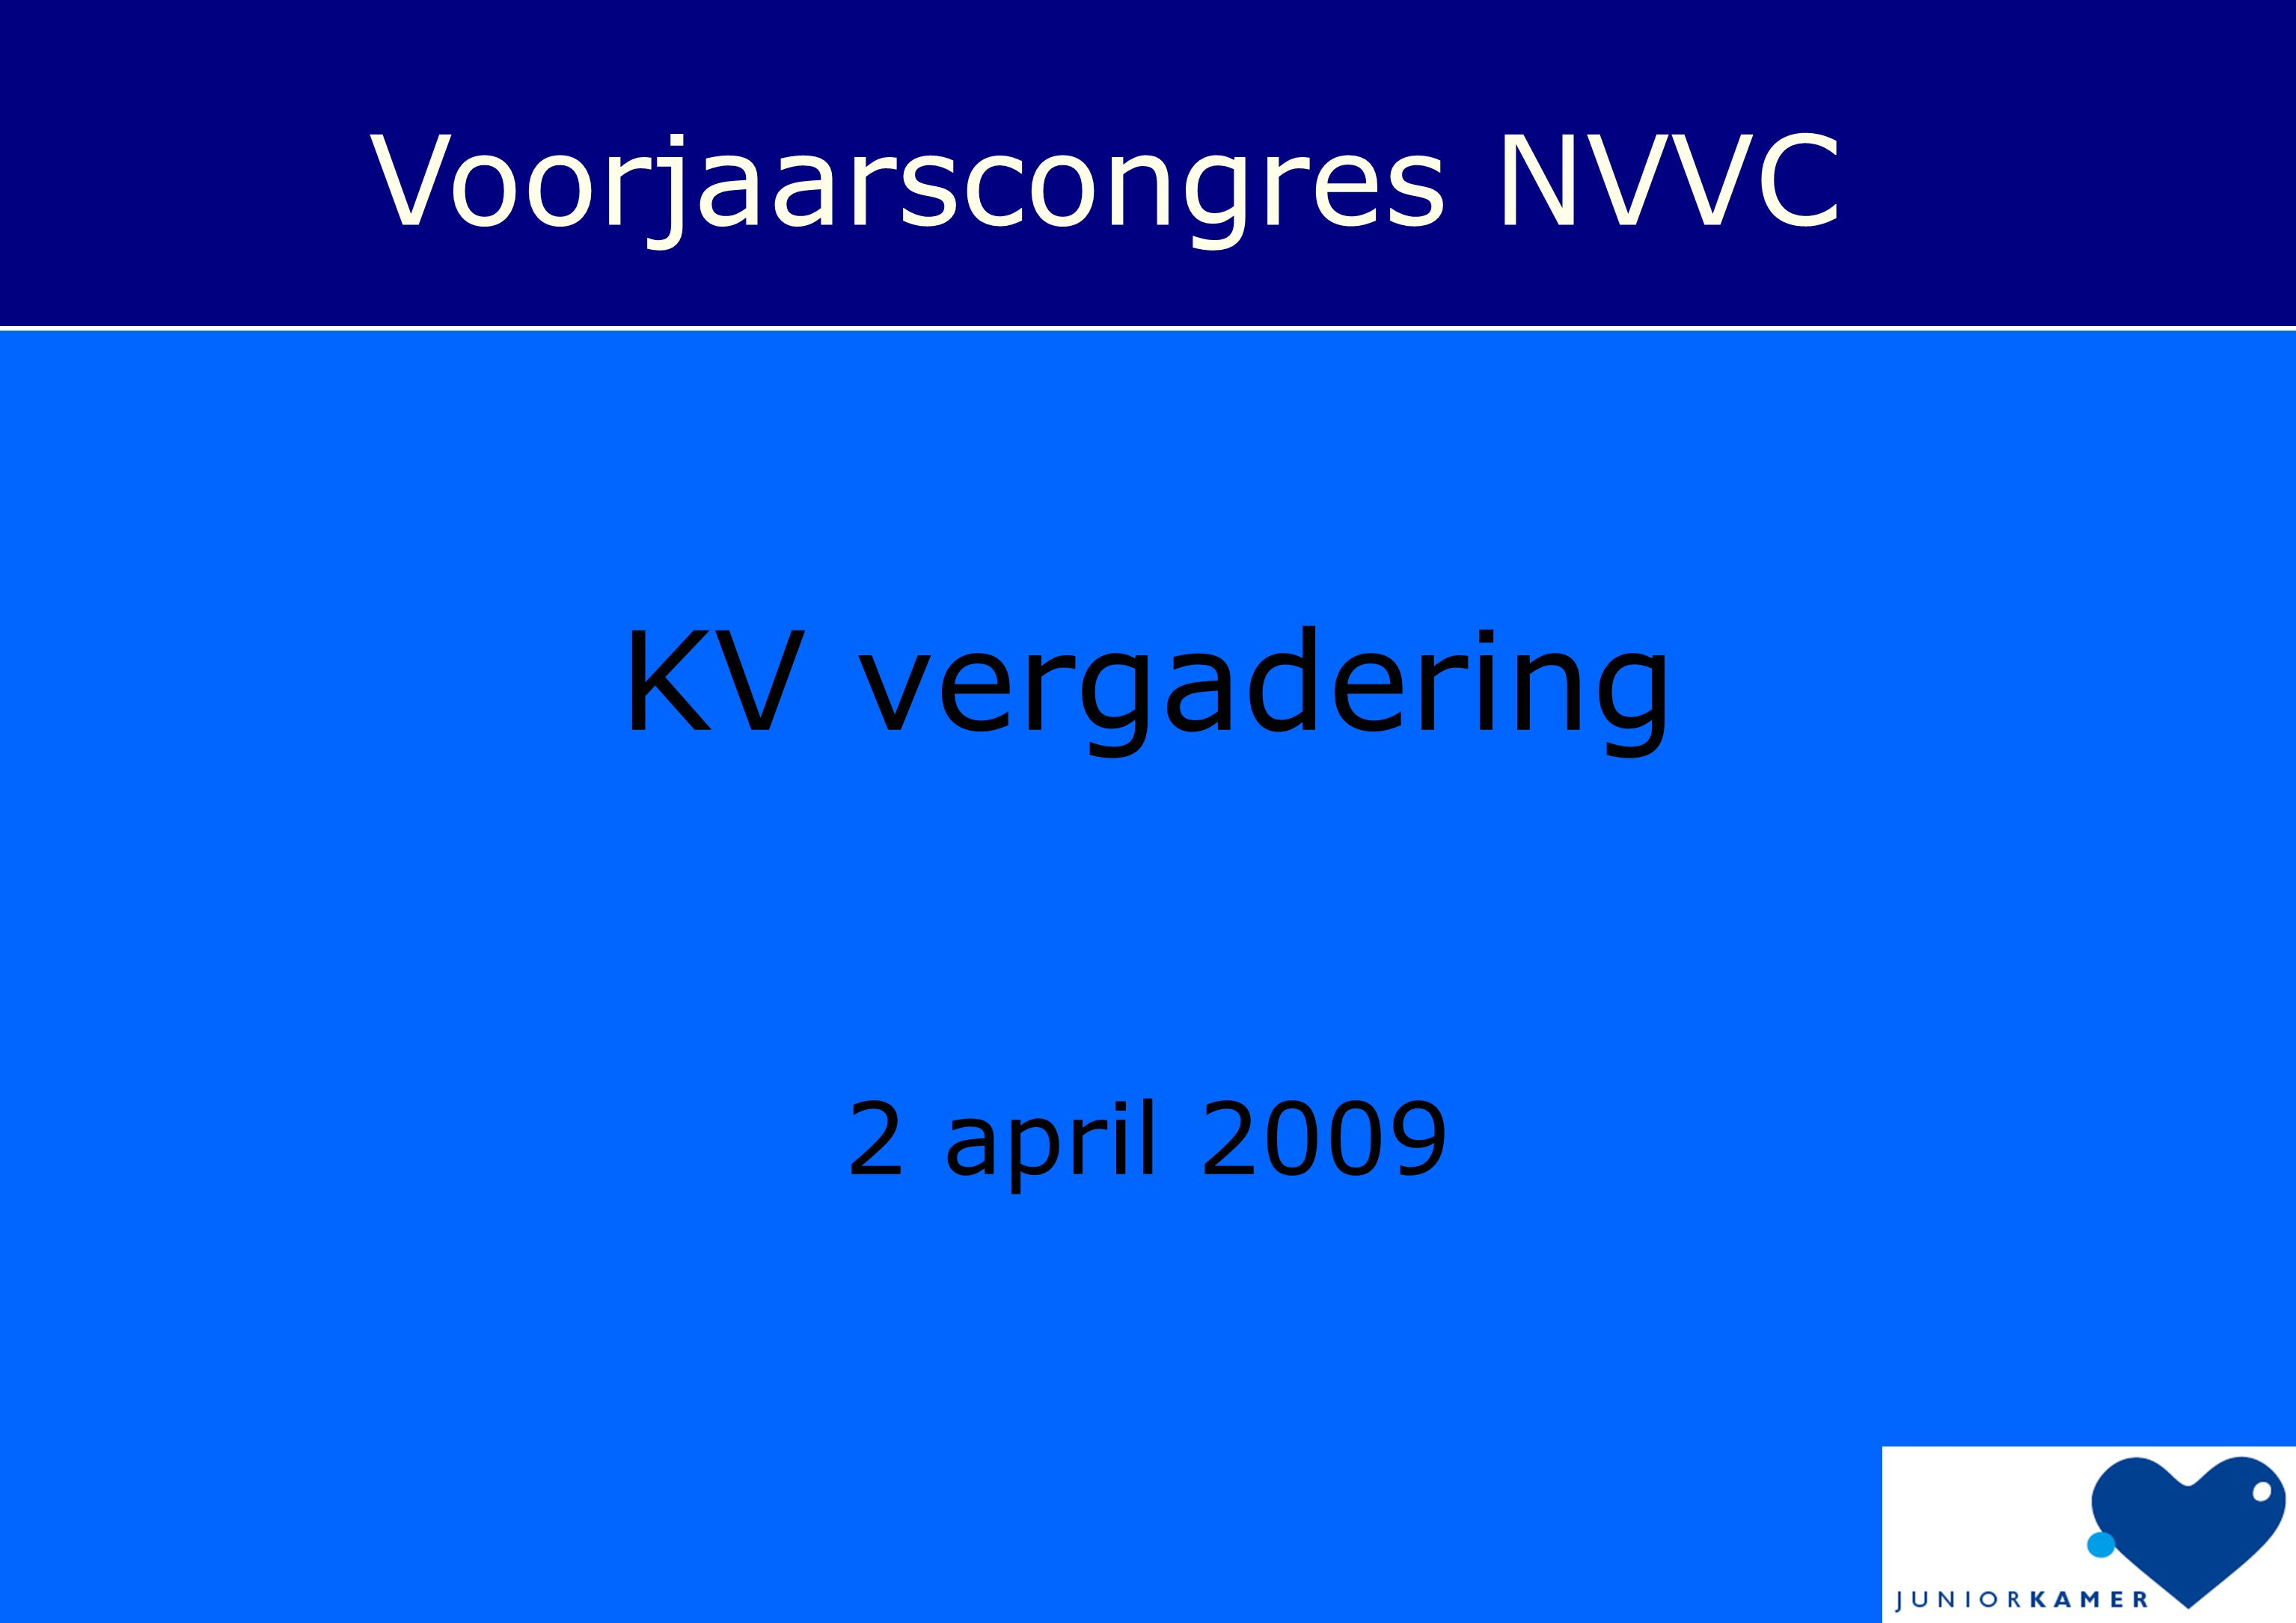 Voorjaarscongres NVVC